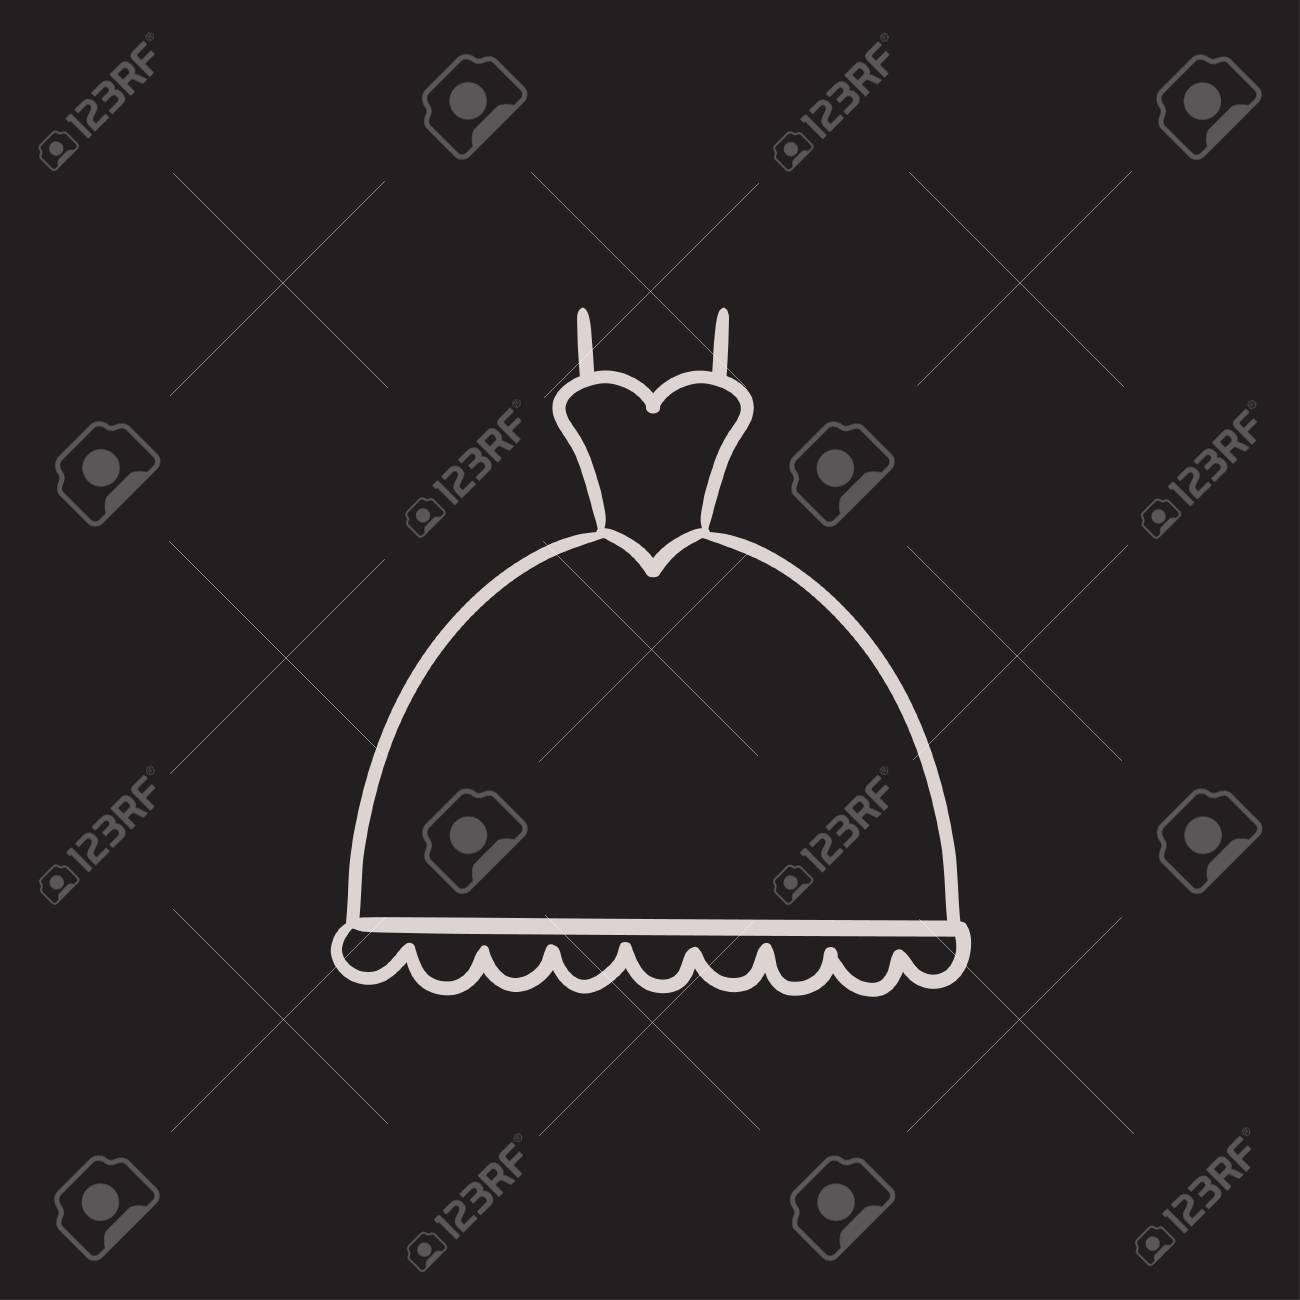 Vestido De Casamento ícone Esboço Do Vetor Isolado No Fundo Desenho ícone Do Vestido De Casamento ícone Do Esboço Do Vestido De Casamento Para